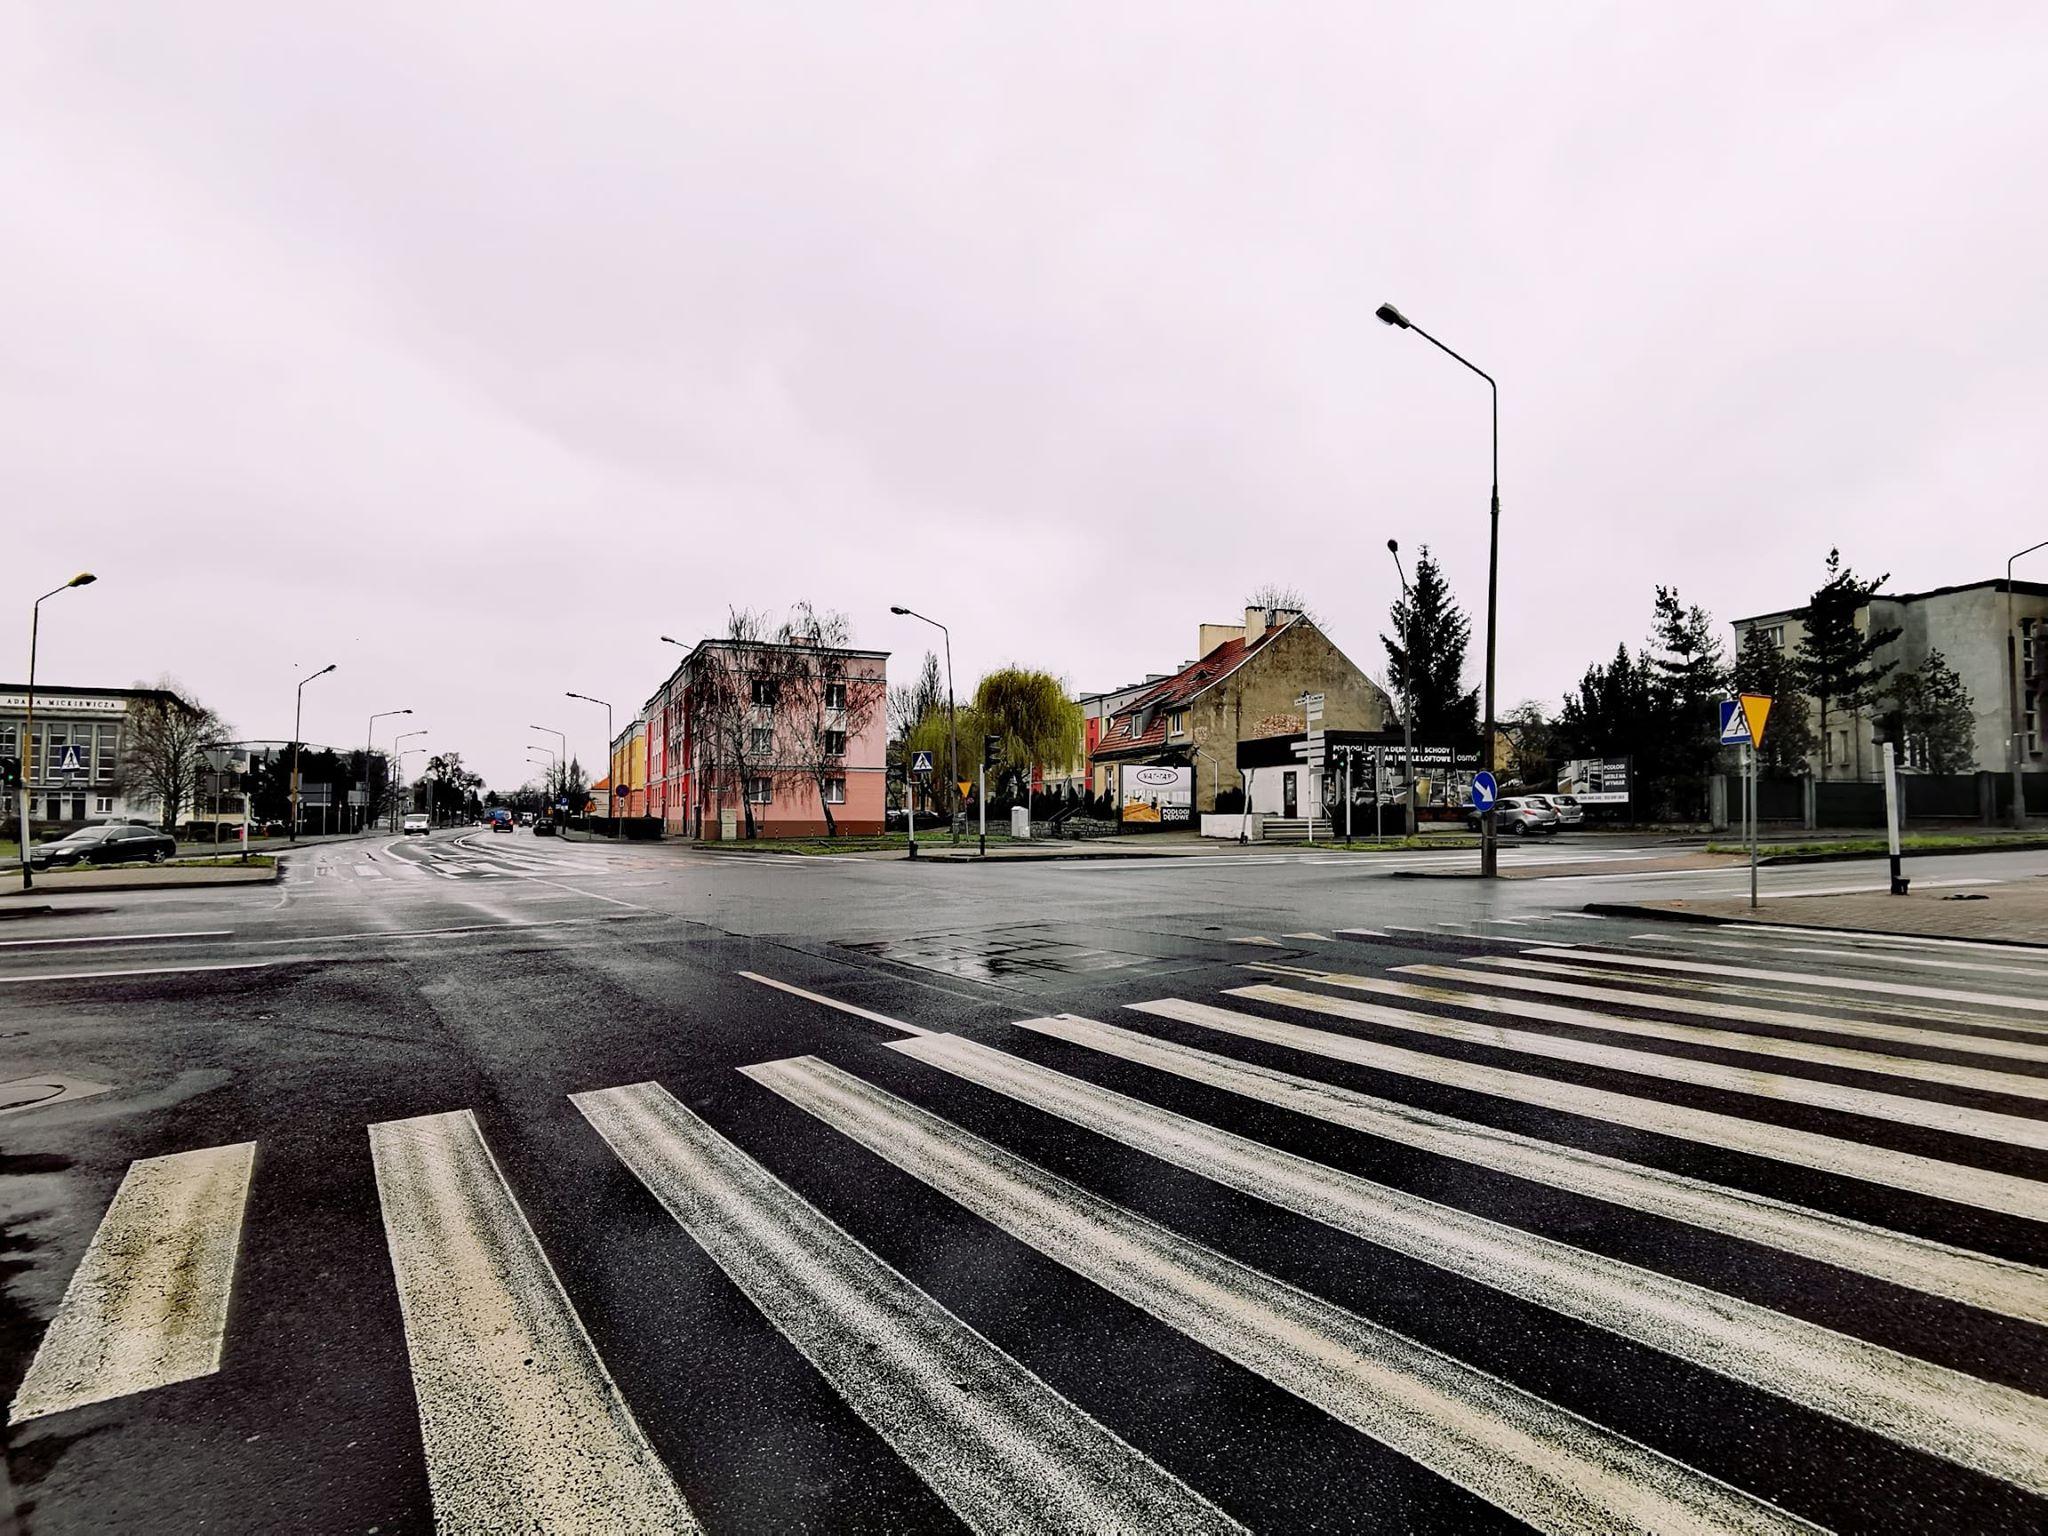 01 - 27 mln zł w ramach ZIT na rozbudowę drogi wojewódzkiej nr 450